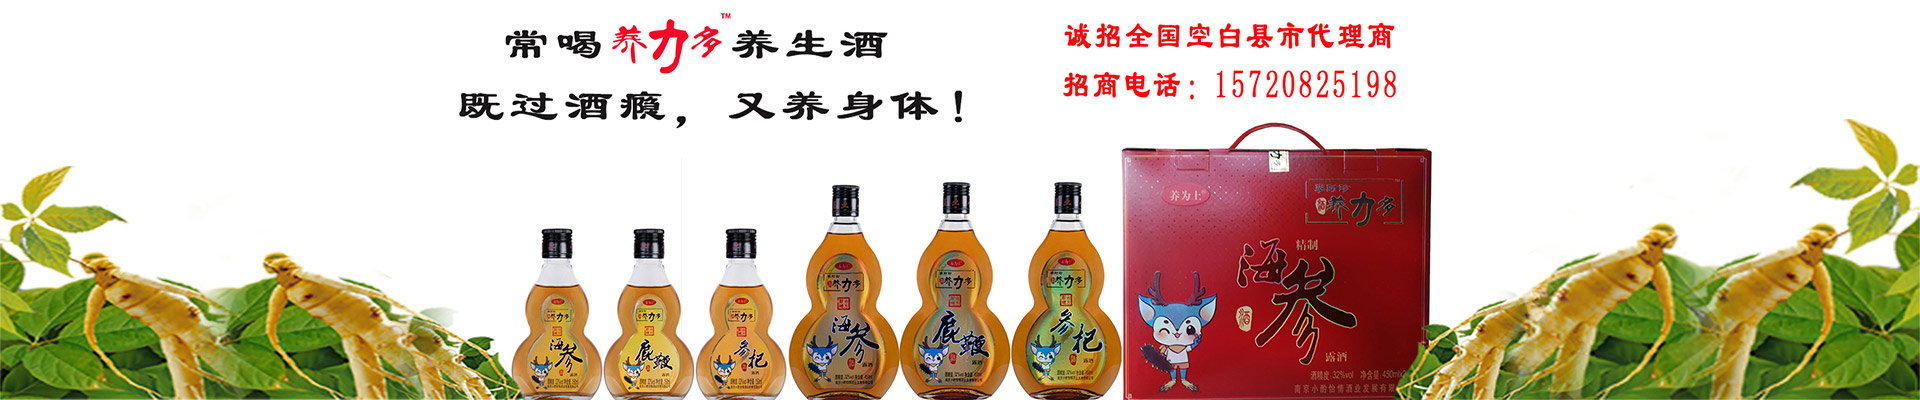 南京小酌怡情酒业发展有限公司